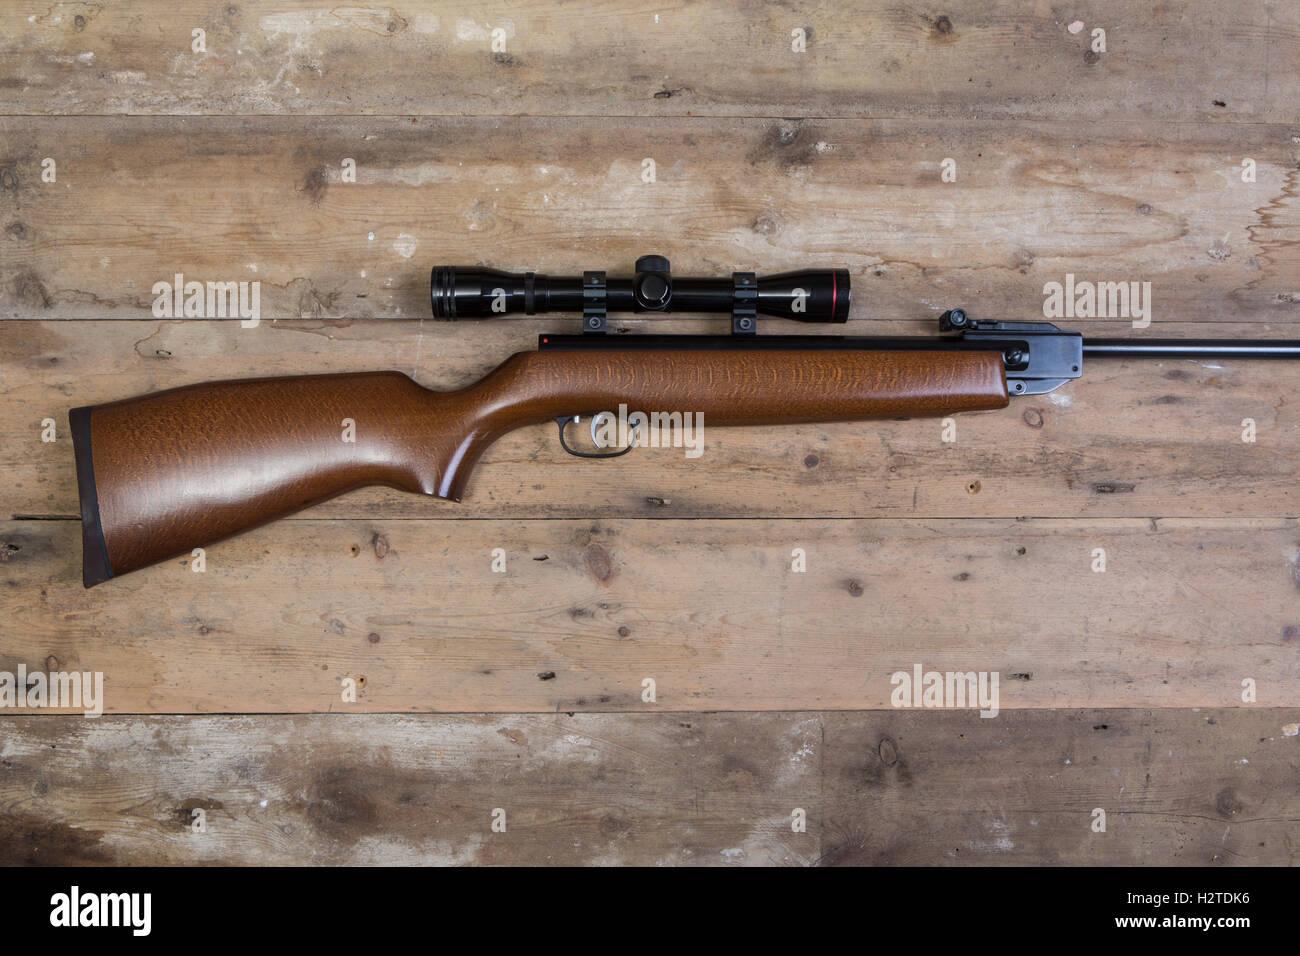 Luftgewehr mit einem zielfernrohr stockfoto bild: 122239466 alamy